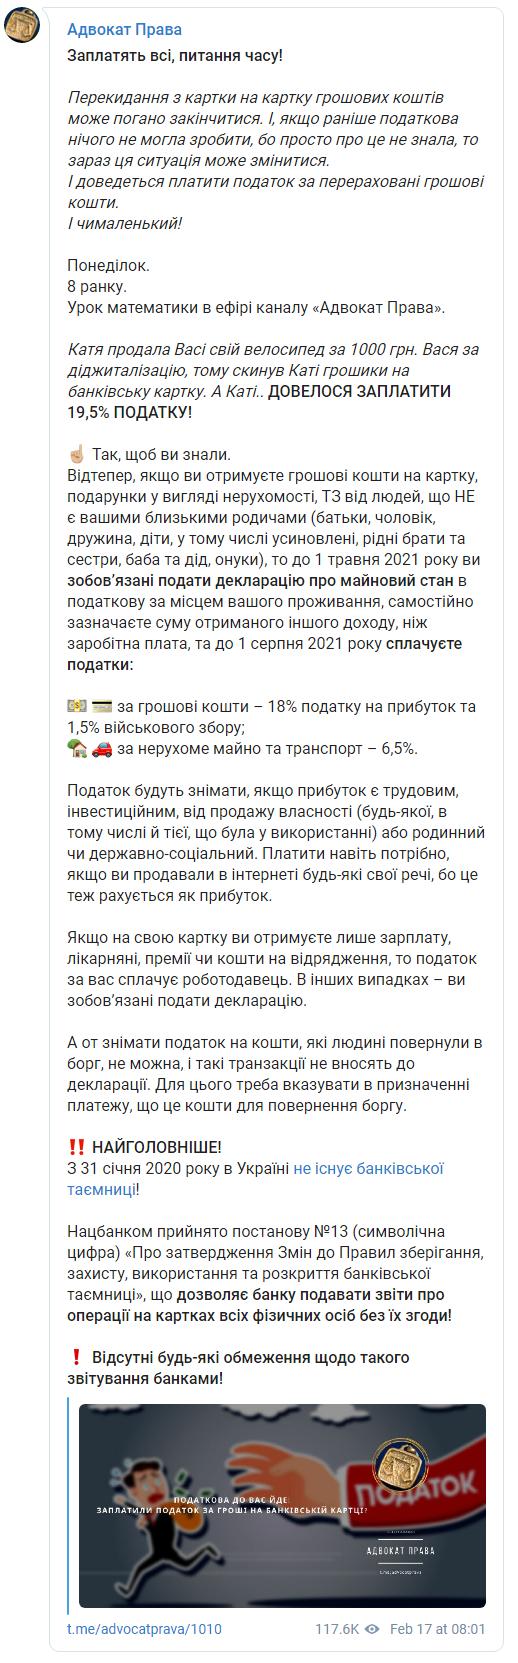 """Украинцам хотят """"навязать"""" новый налог: все детали"""